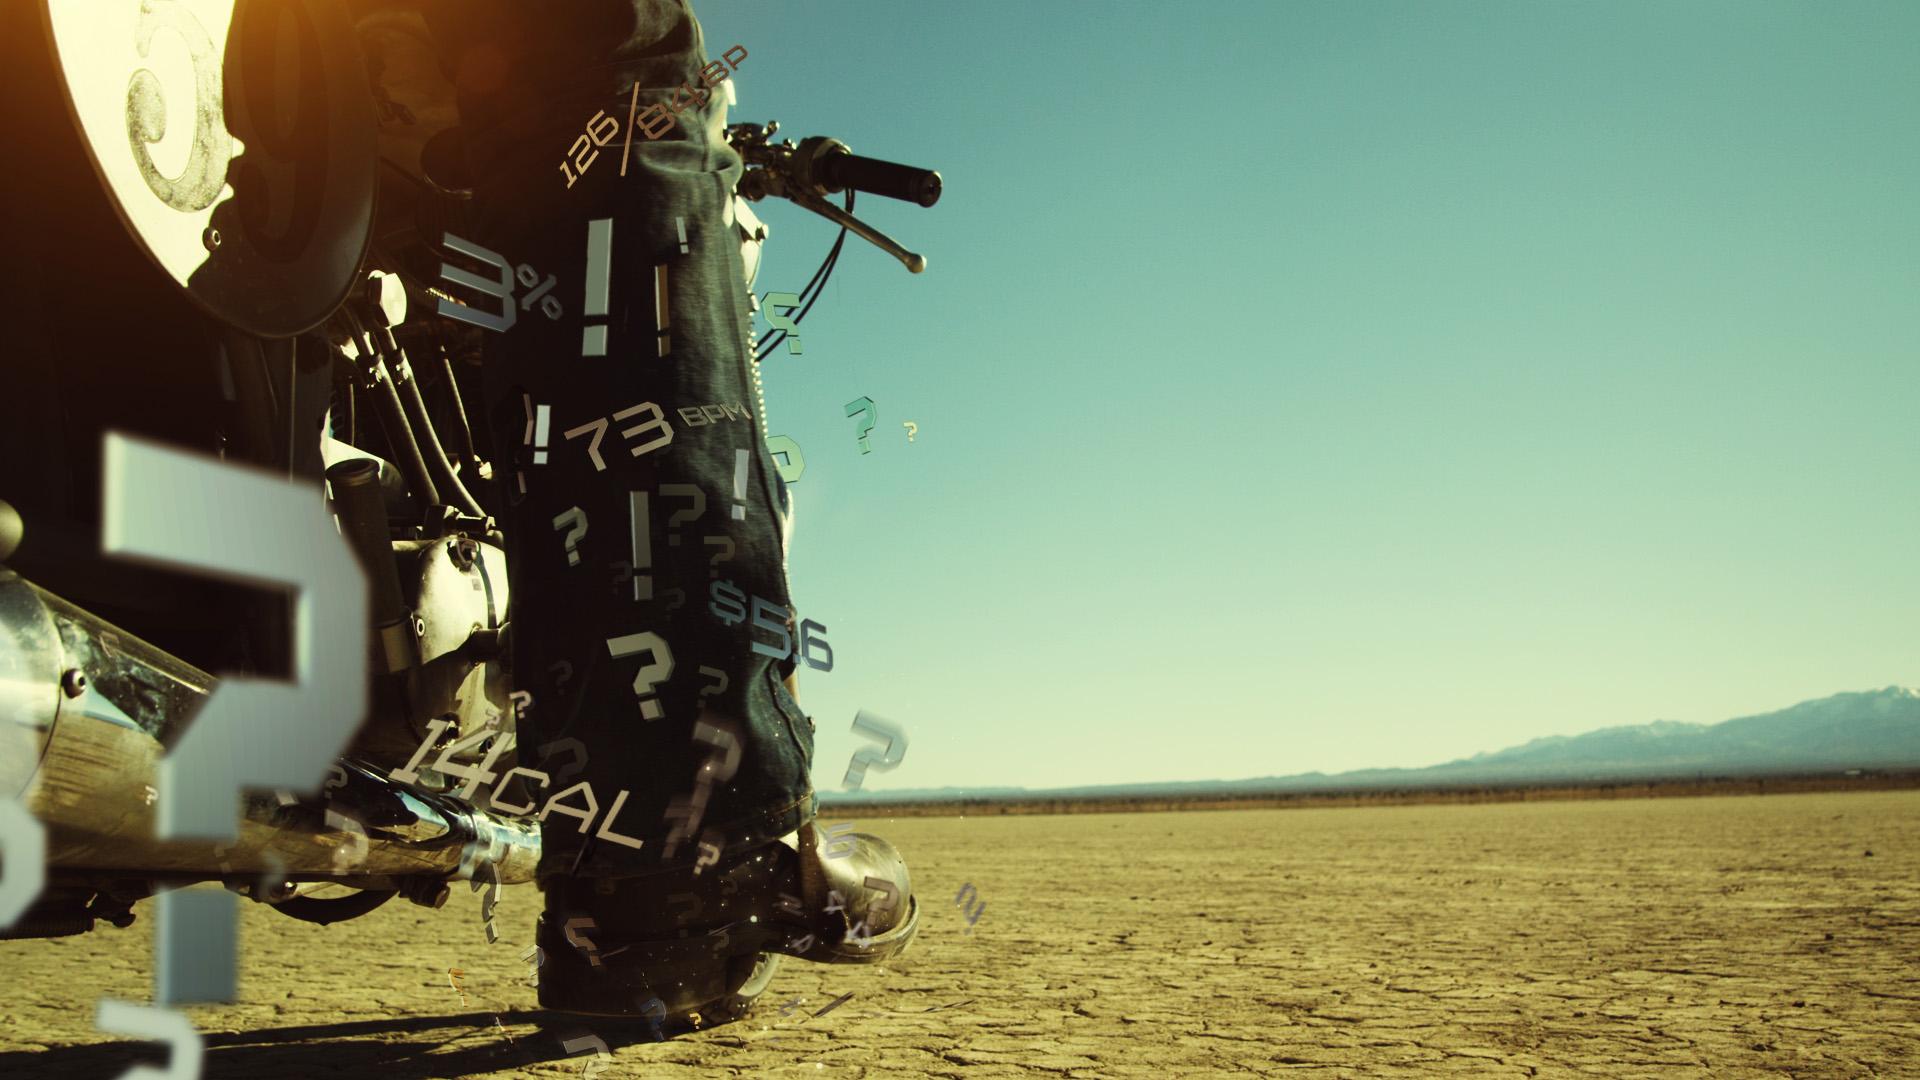 motorcycle_01_ED_V1.jpg